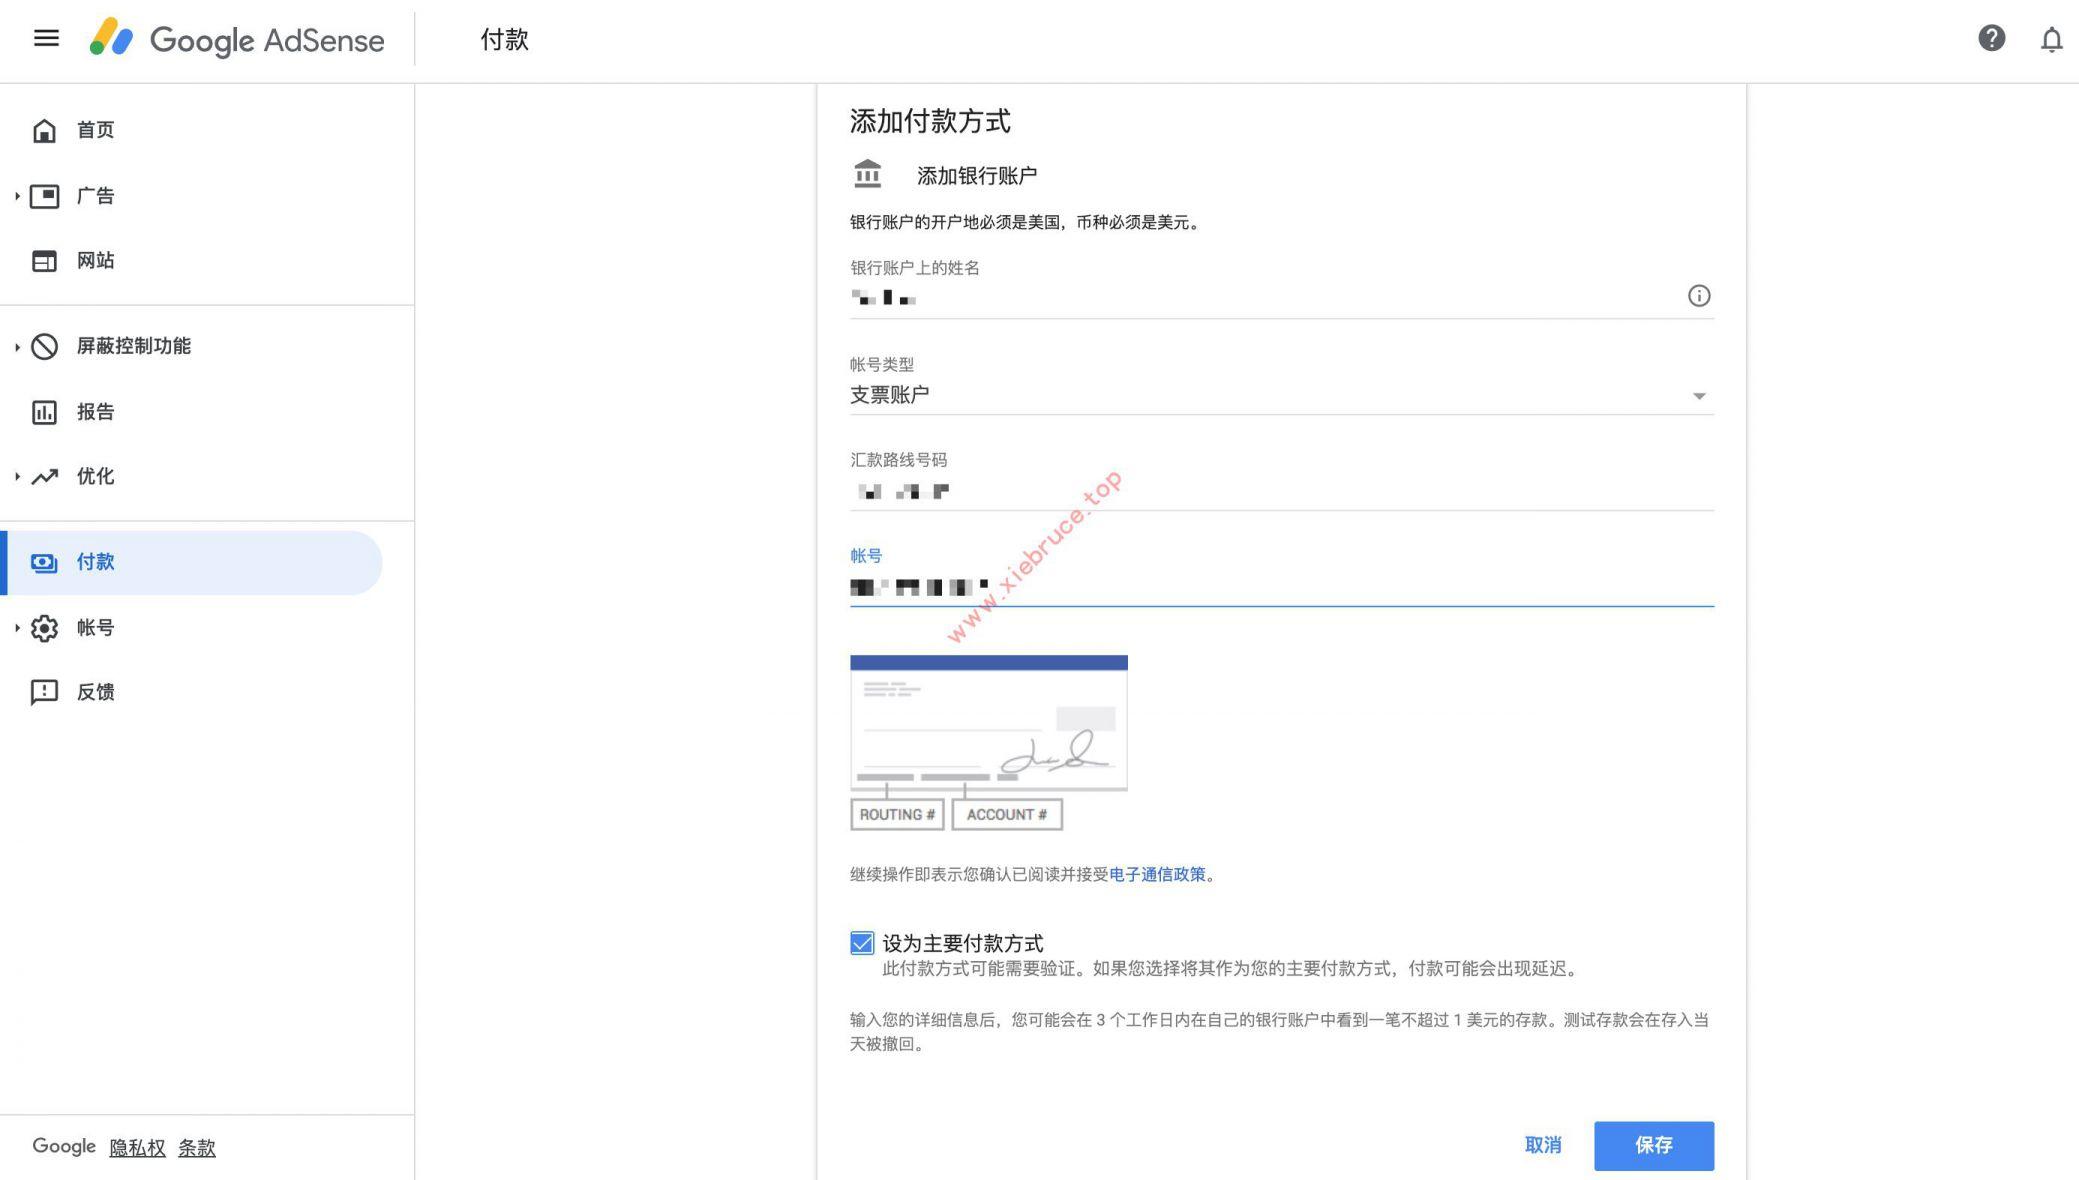 Xnip2021-09-09_16-01-03